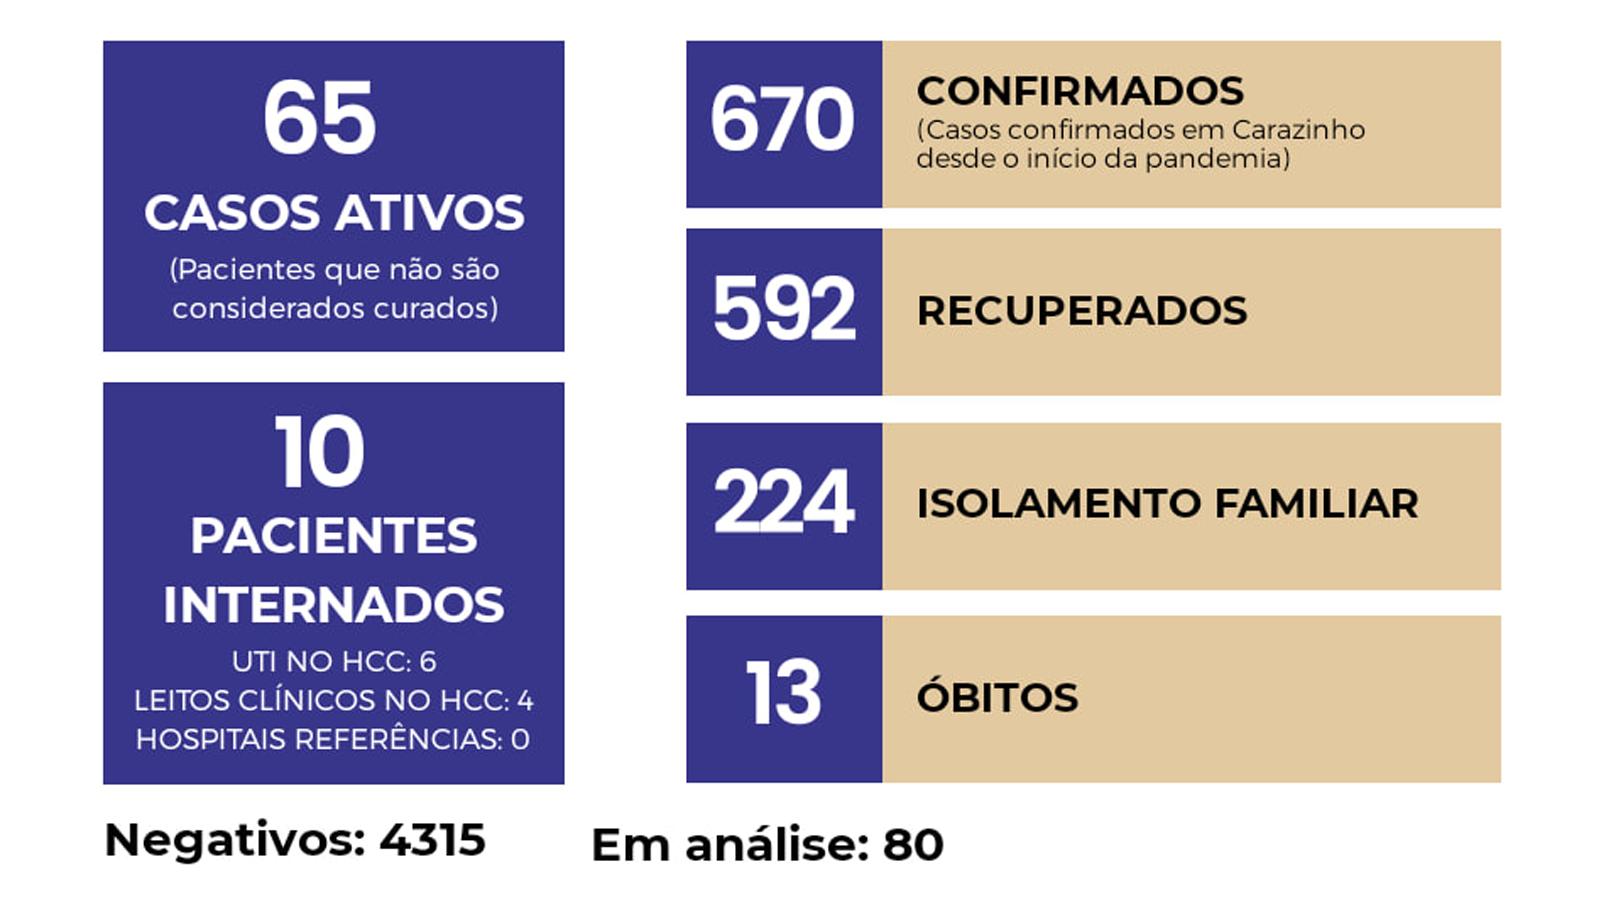 Carazinho registra oito novos casos de Coronavírus